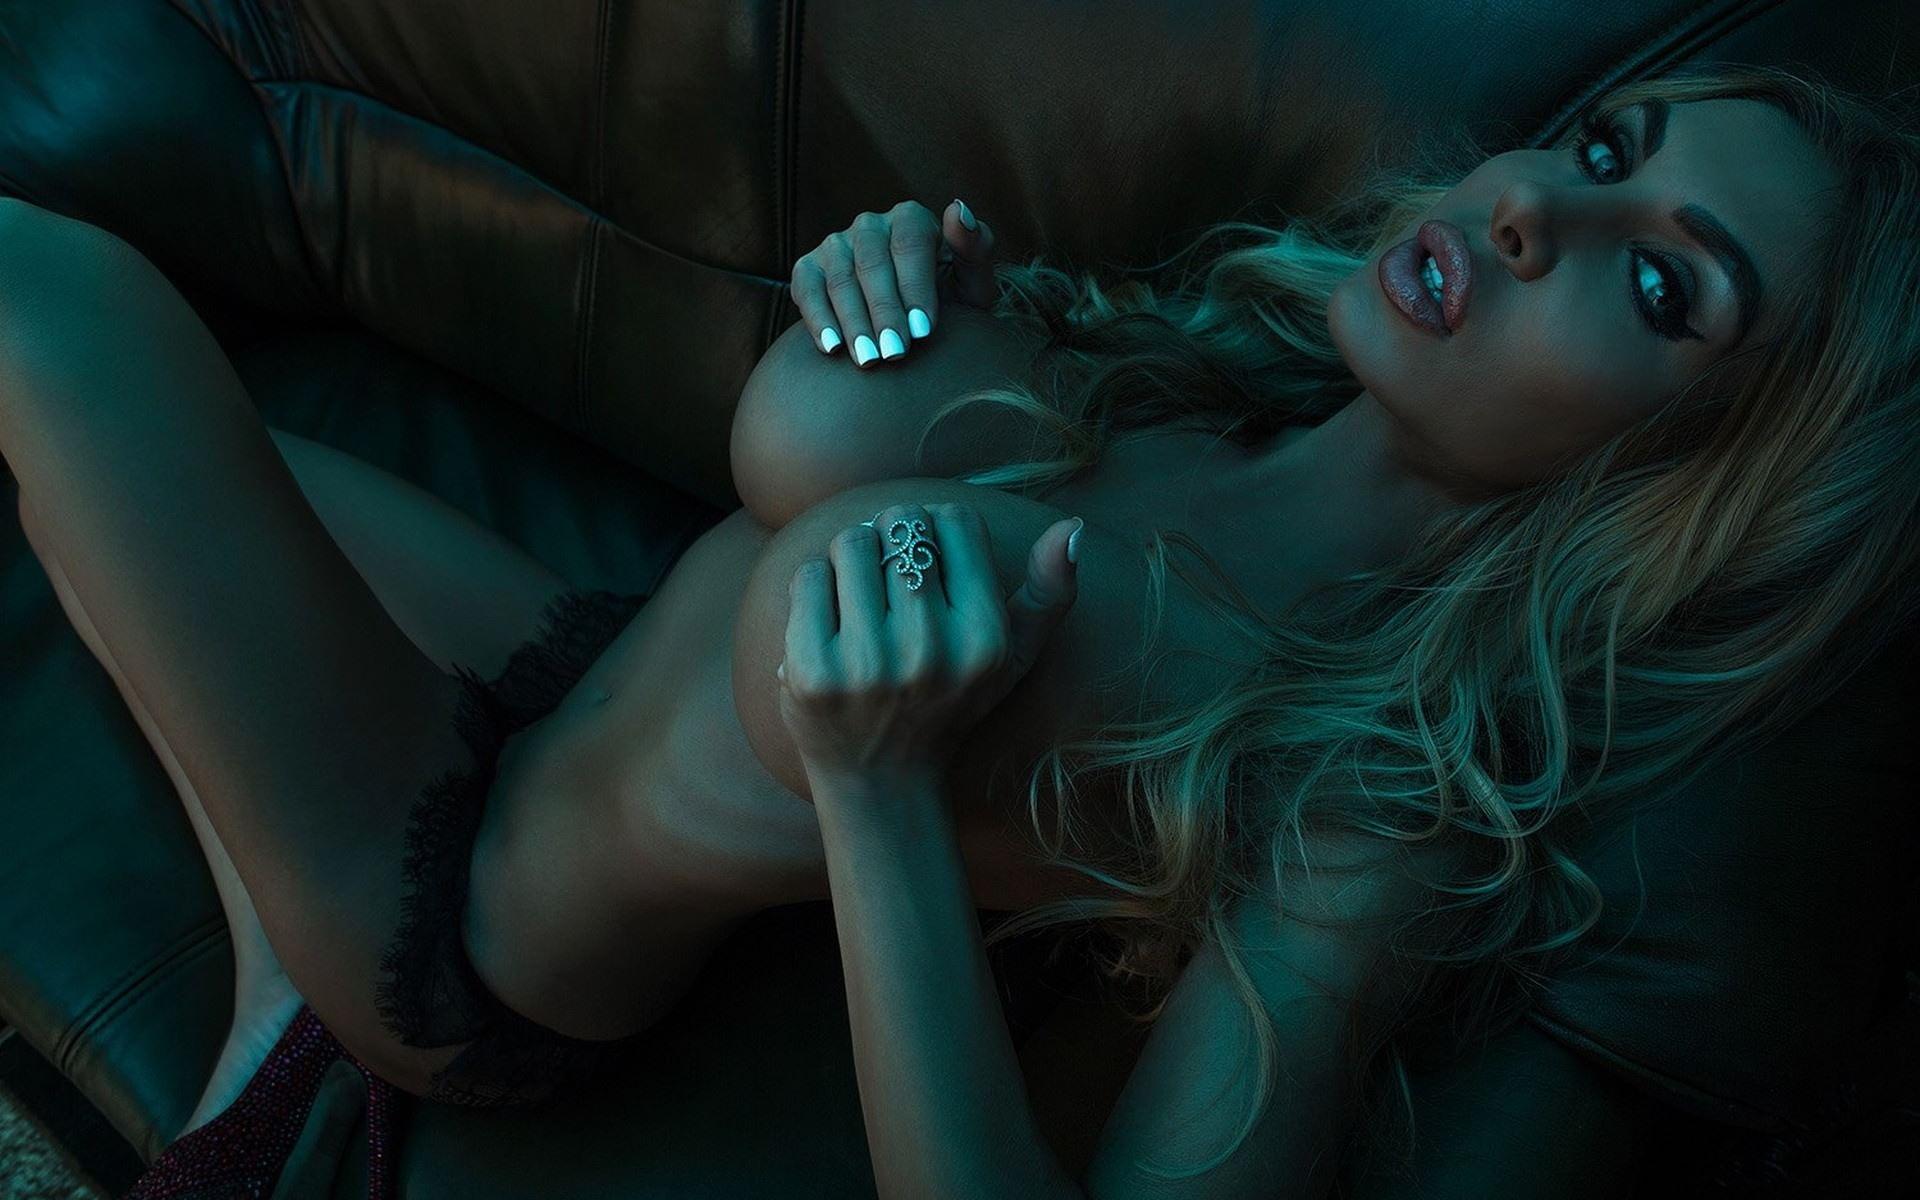 Фото Губастая блондинка сжимает голую грудь на диване, блондинка ласкает свои упругие сиськи и гладит соски, пухлые губки, скачать картинку бесплатно